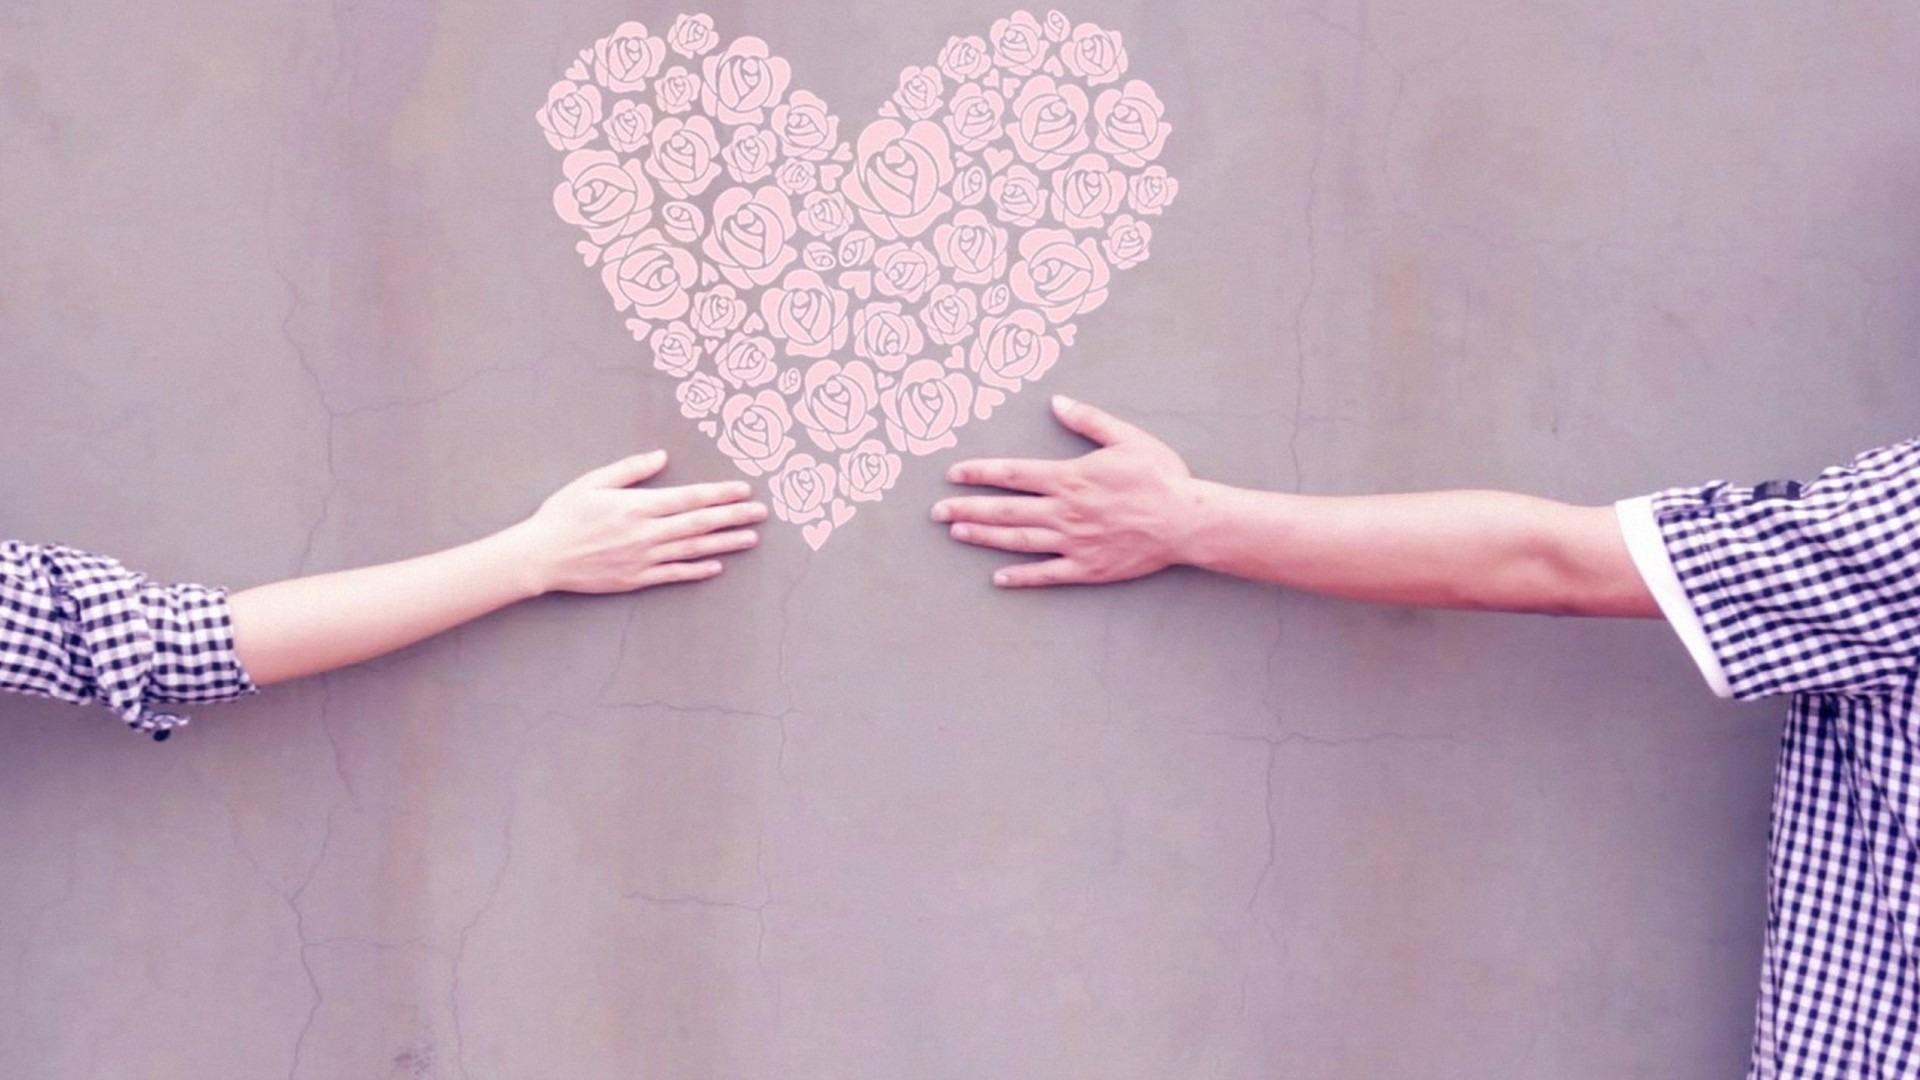 由一出好戏引发的爱情感悟说说:往后余生,很幸运拥有此人。